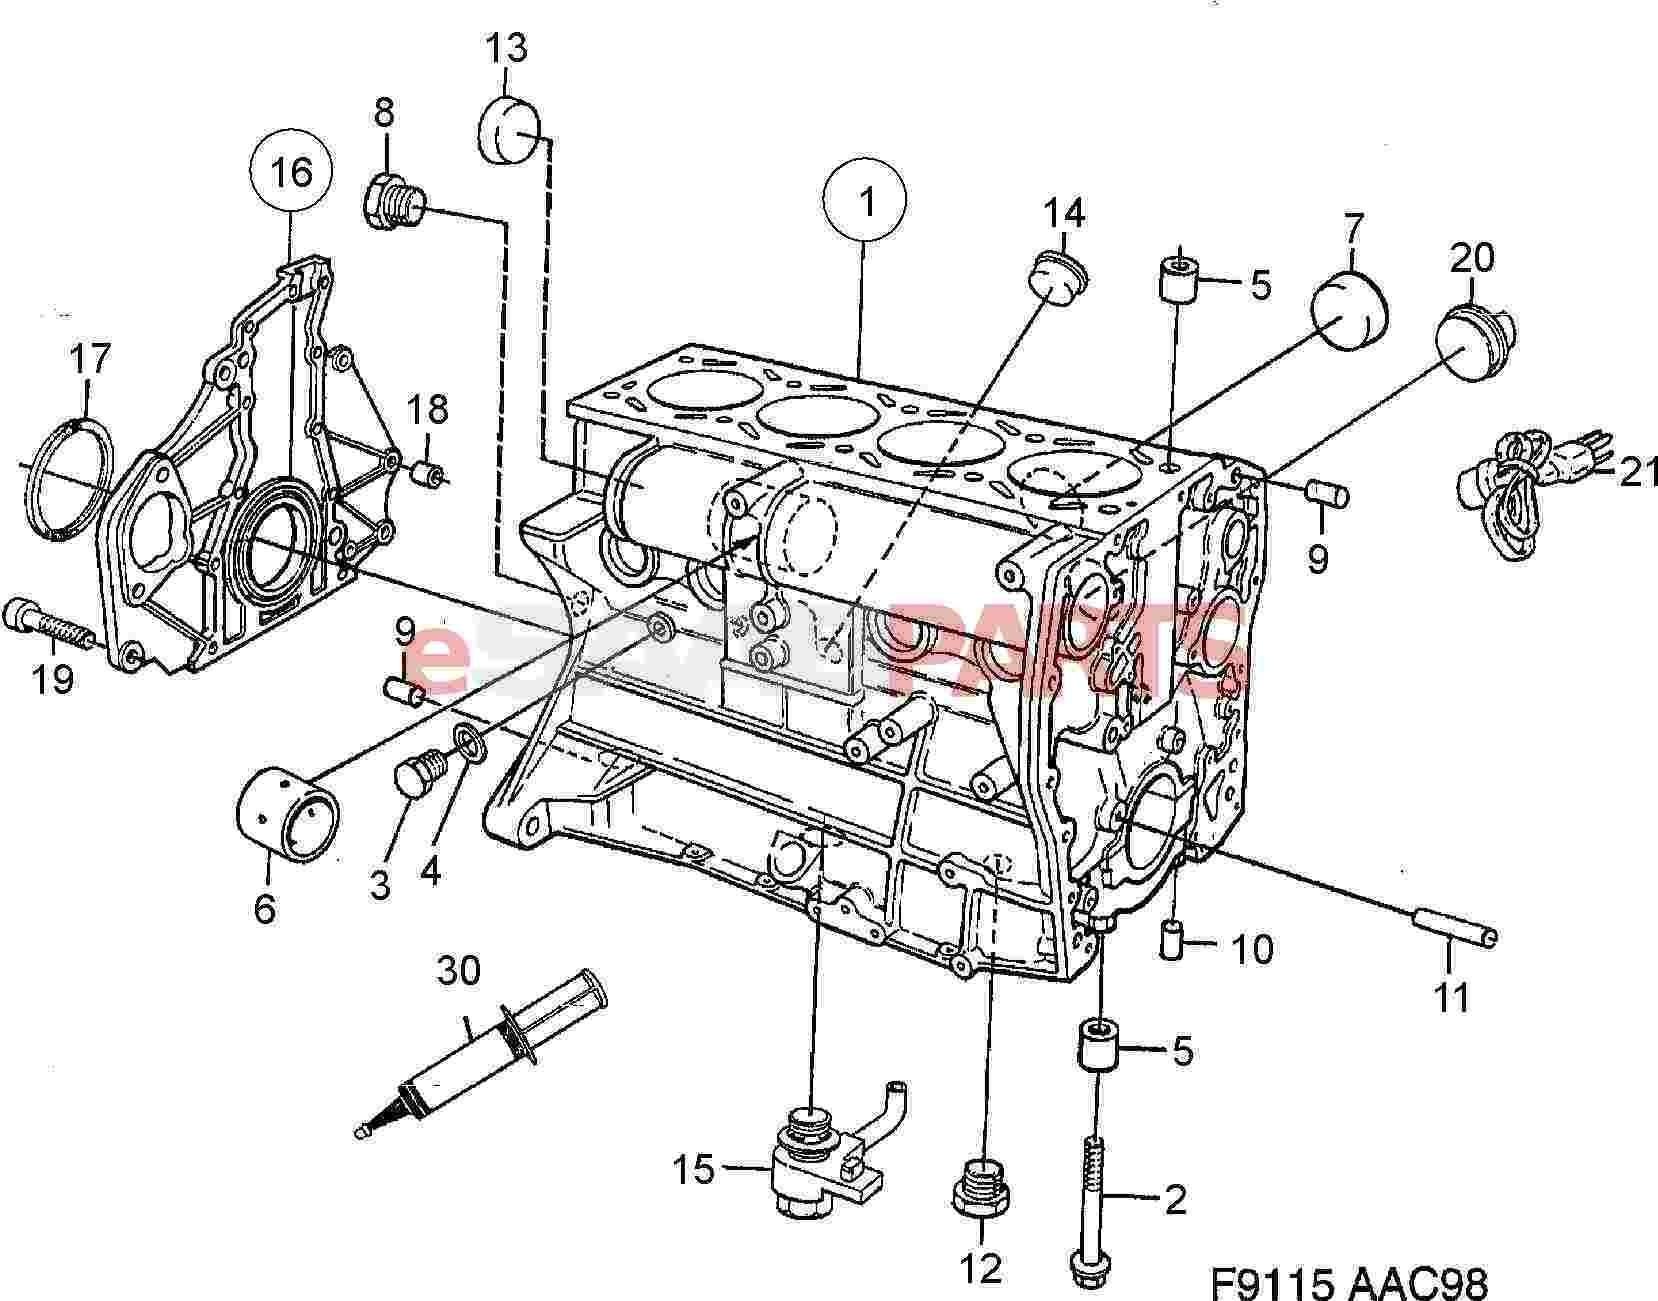 Saab 900 Engine Diagram Saab 9 5 Engine Diagram 2 2 ] Saab Flange Sealant Genuine Saab Parts Of Saab 900 Engine Diagram